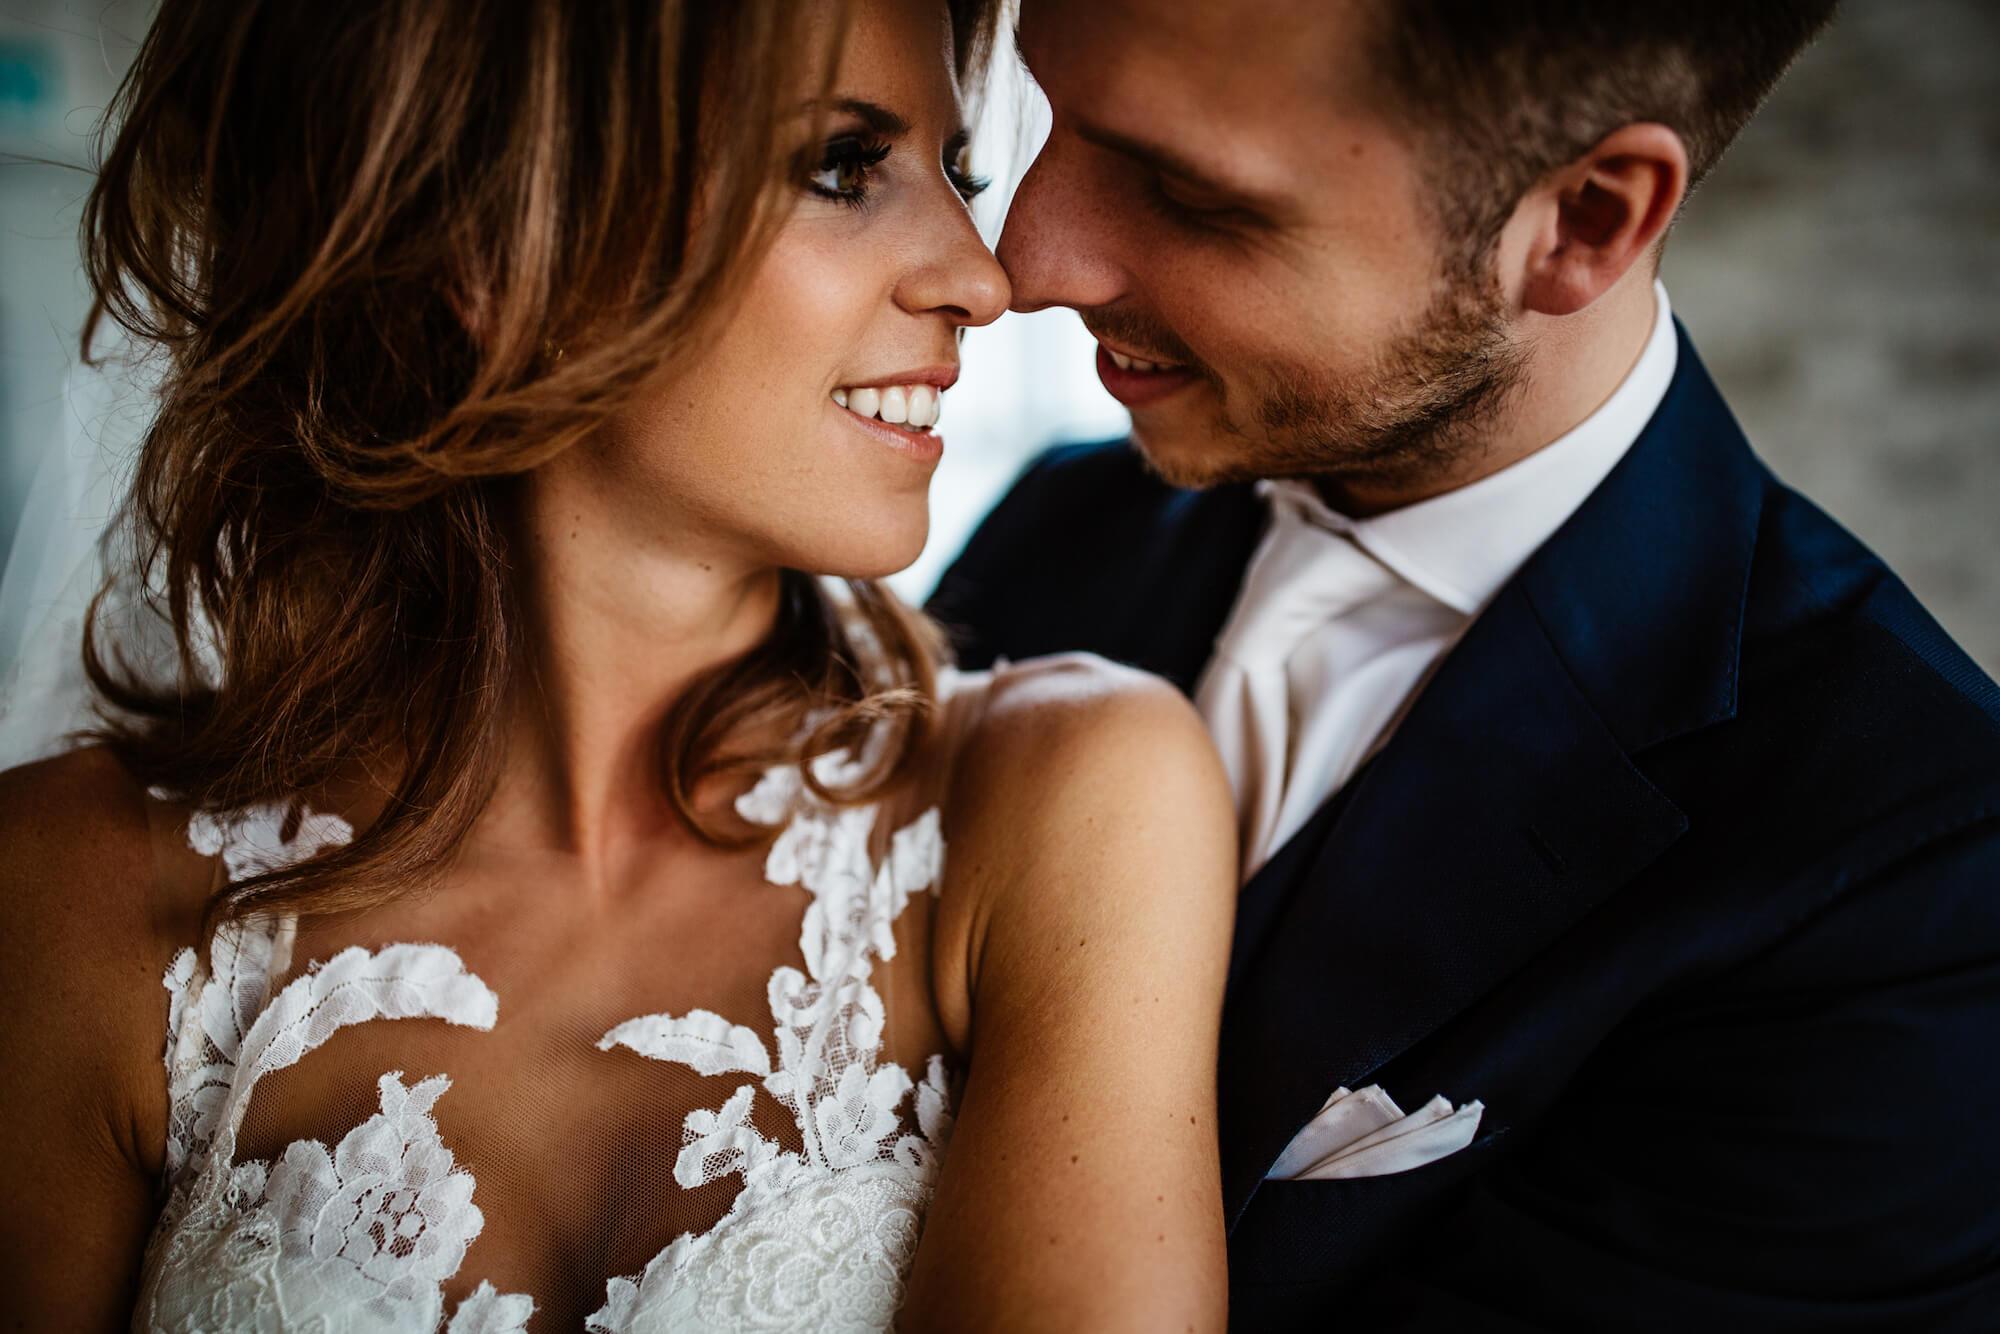 kasteelhoeve-geldrop-bruidsfotograaf-6.jpg